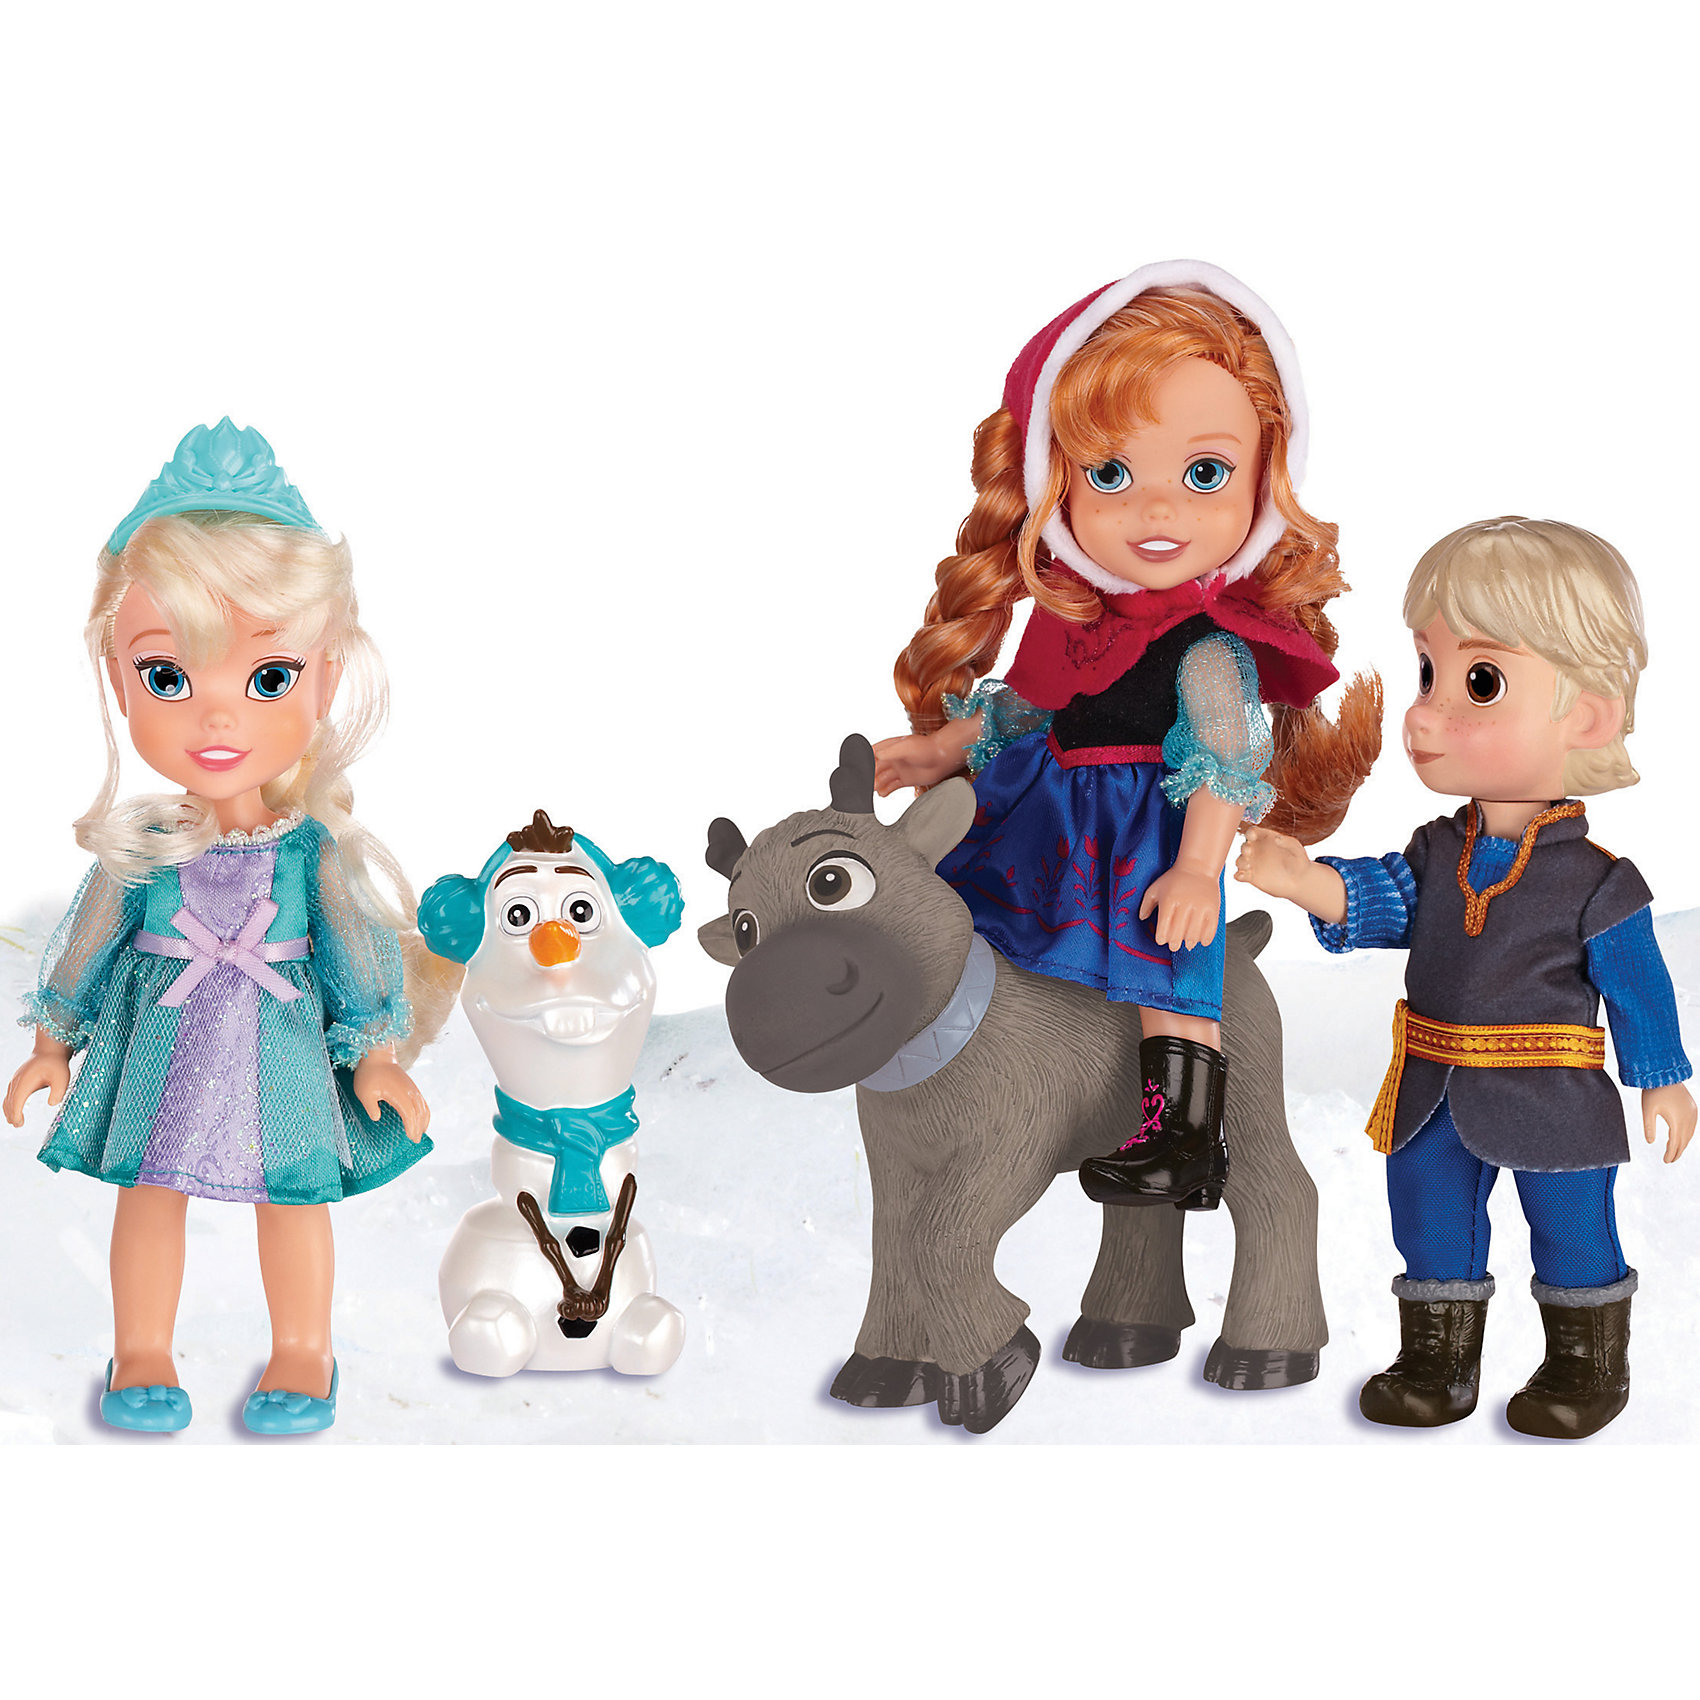 Disney Игровой набор 5 кукол, 15 см, Холодное Сердце hasbro набор кукол холодное сердце анна и кристоф